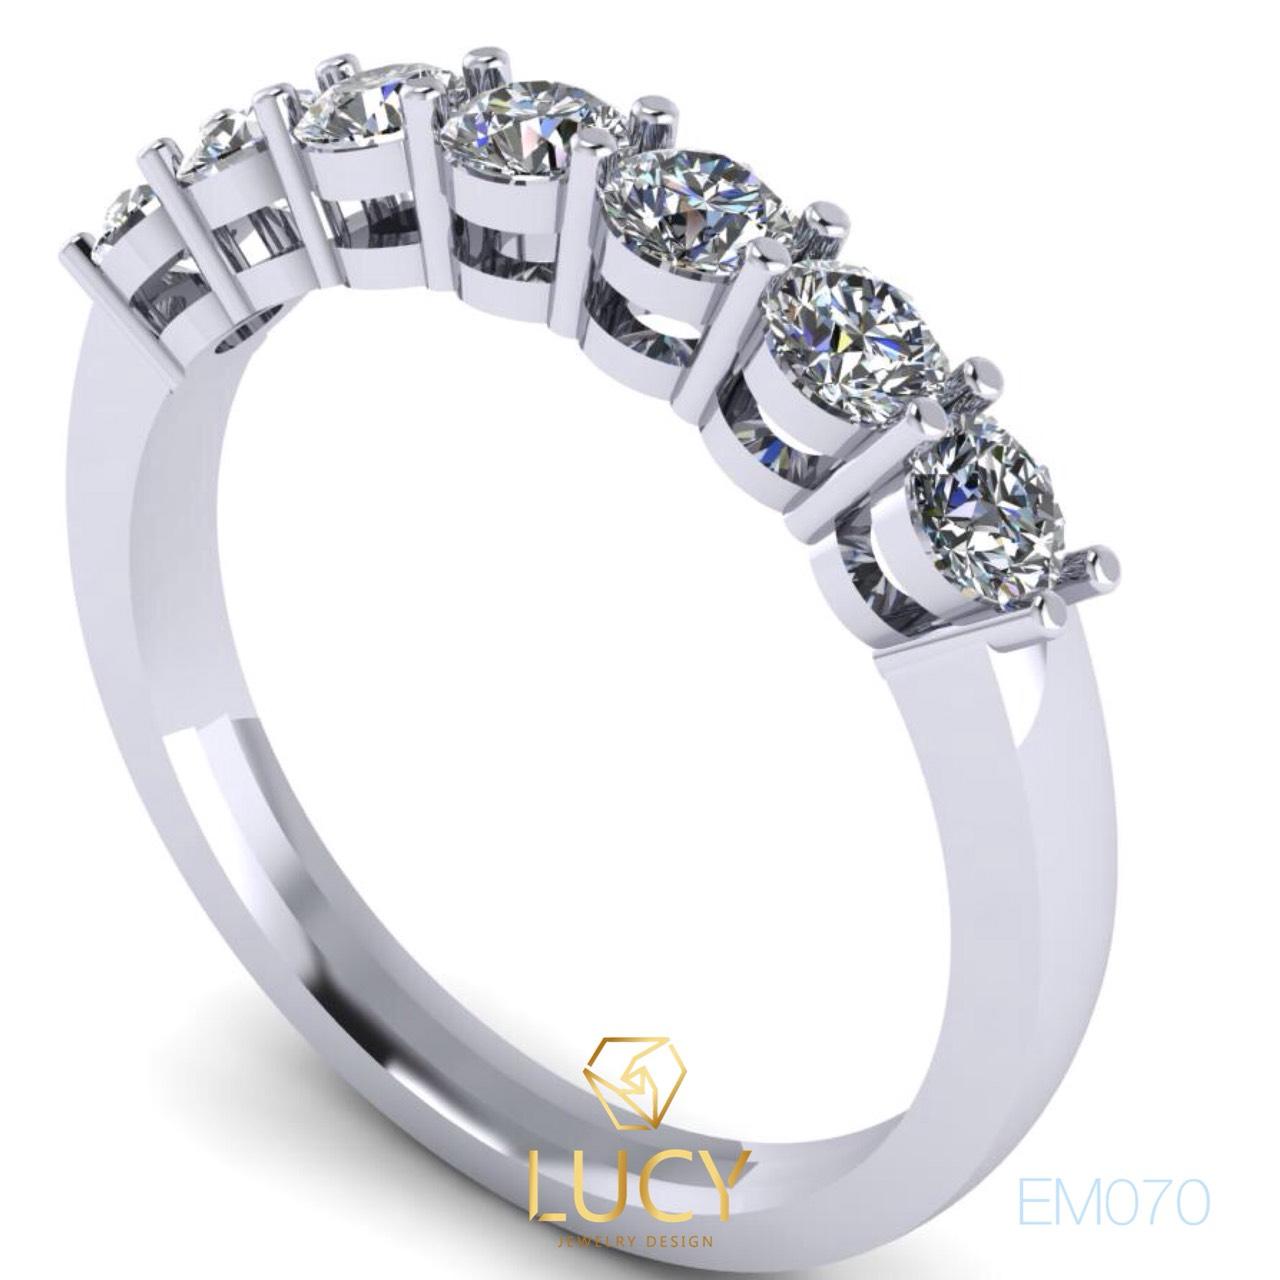 EM070 Nhẫn nữ vàng, nhẫn kết ngang 7 viên 3mm, nhẫn nữ thiết kế - Lucy Jewelry